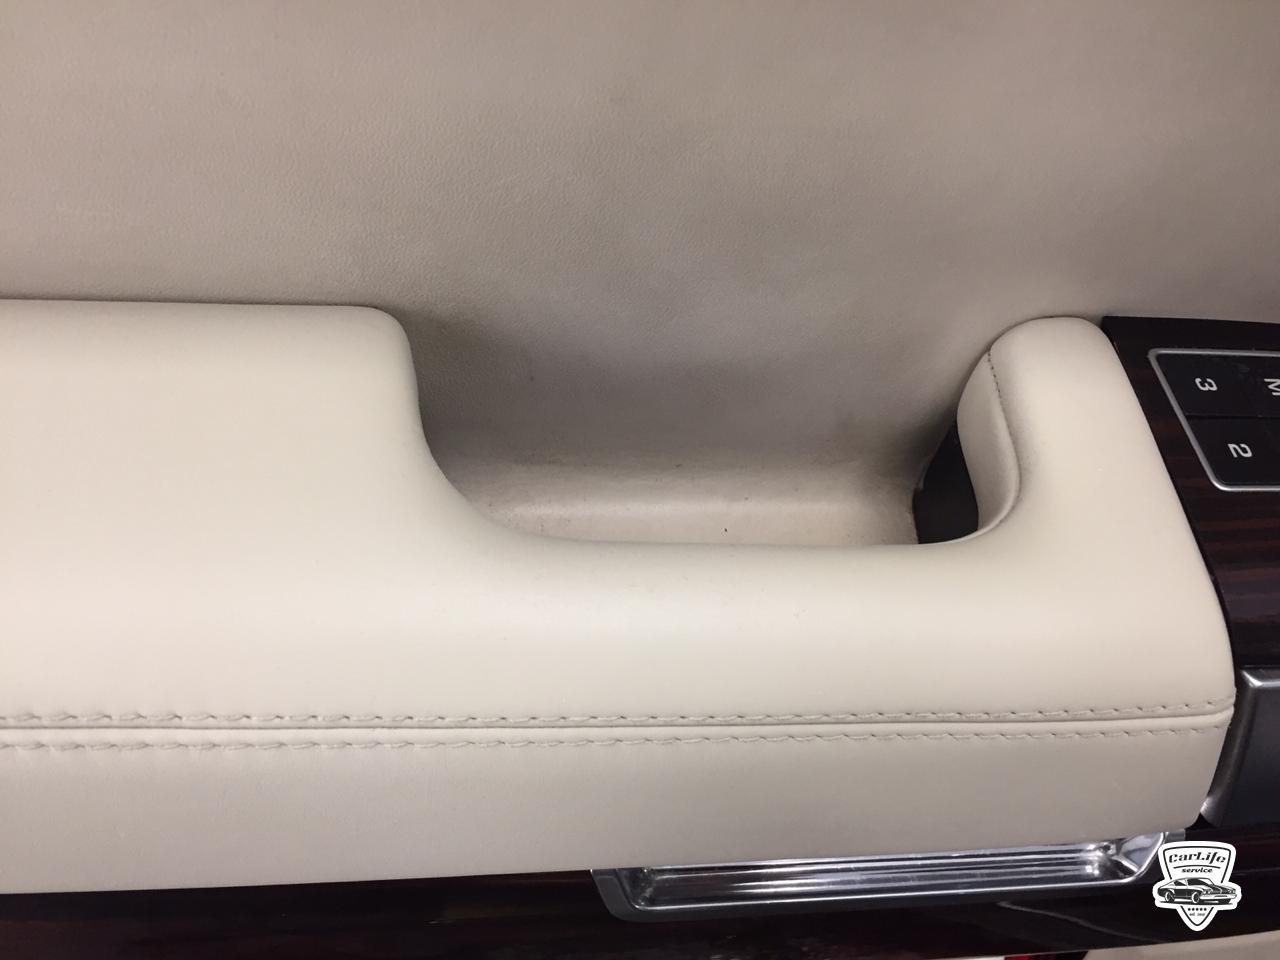 Реставрация подлокотника Рендж ровер евок 237